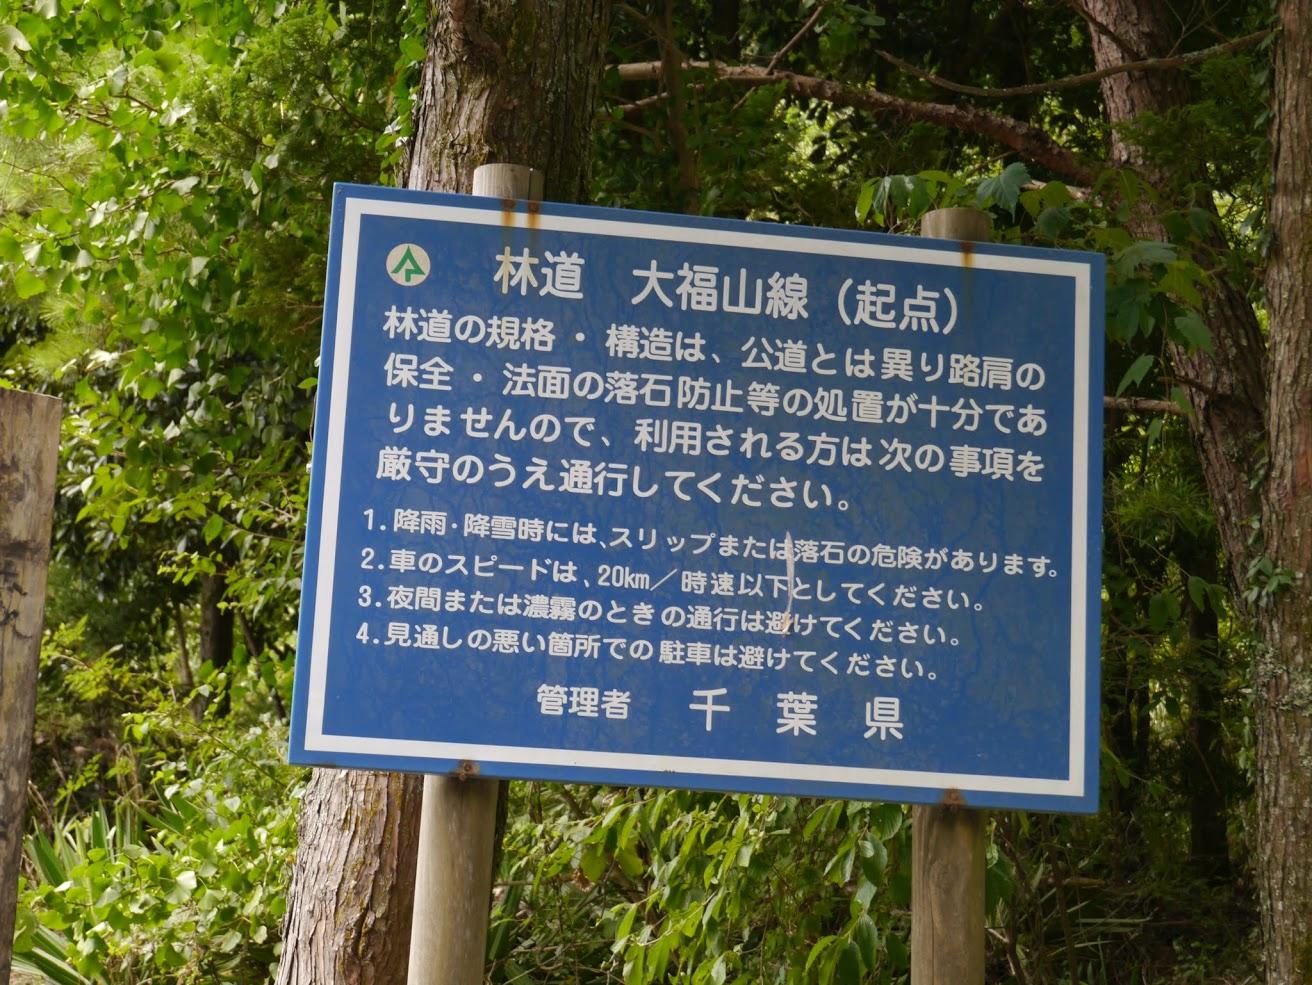 oohukuyamasen2.jpg